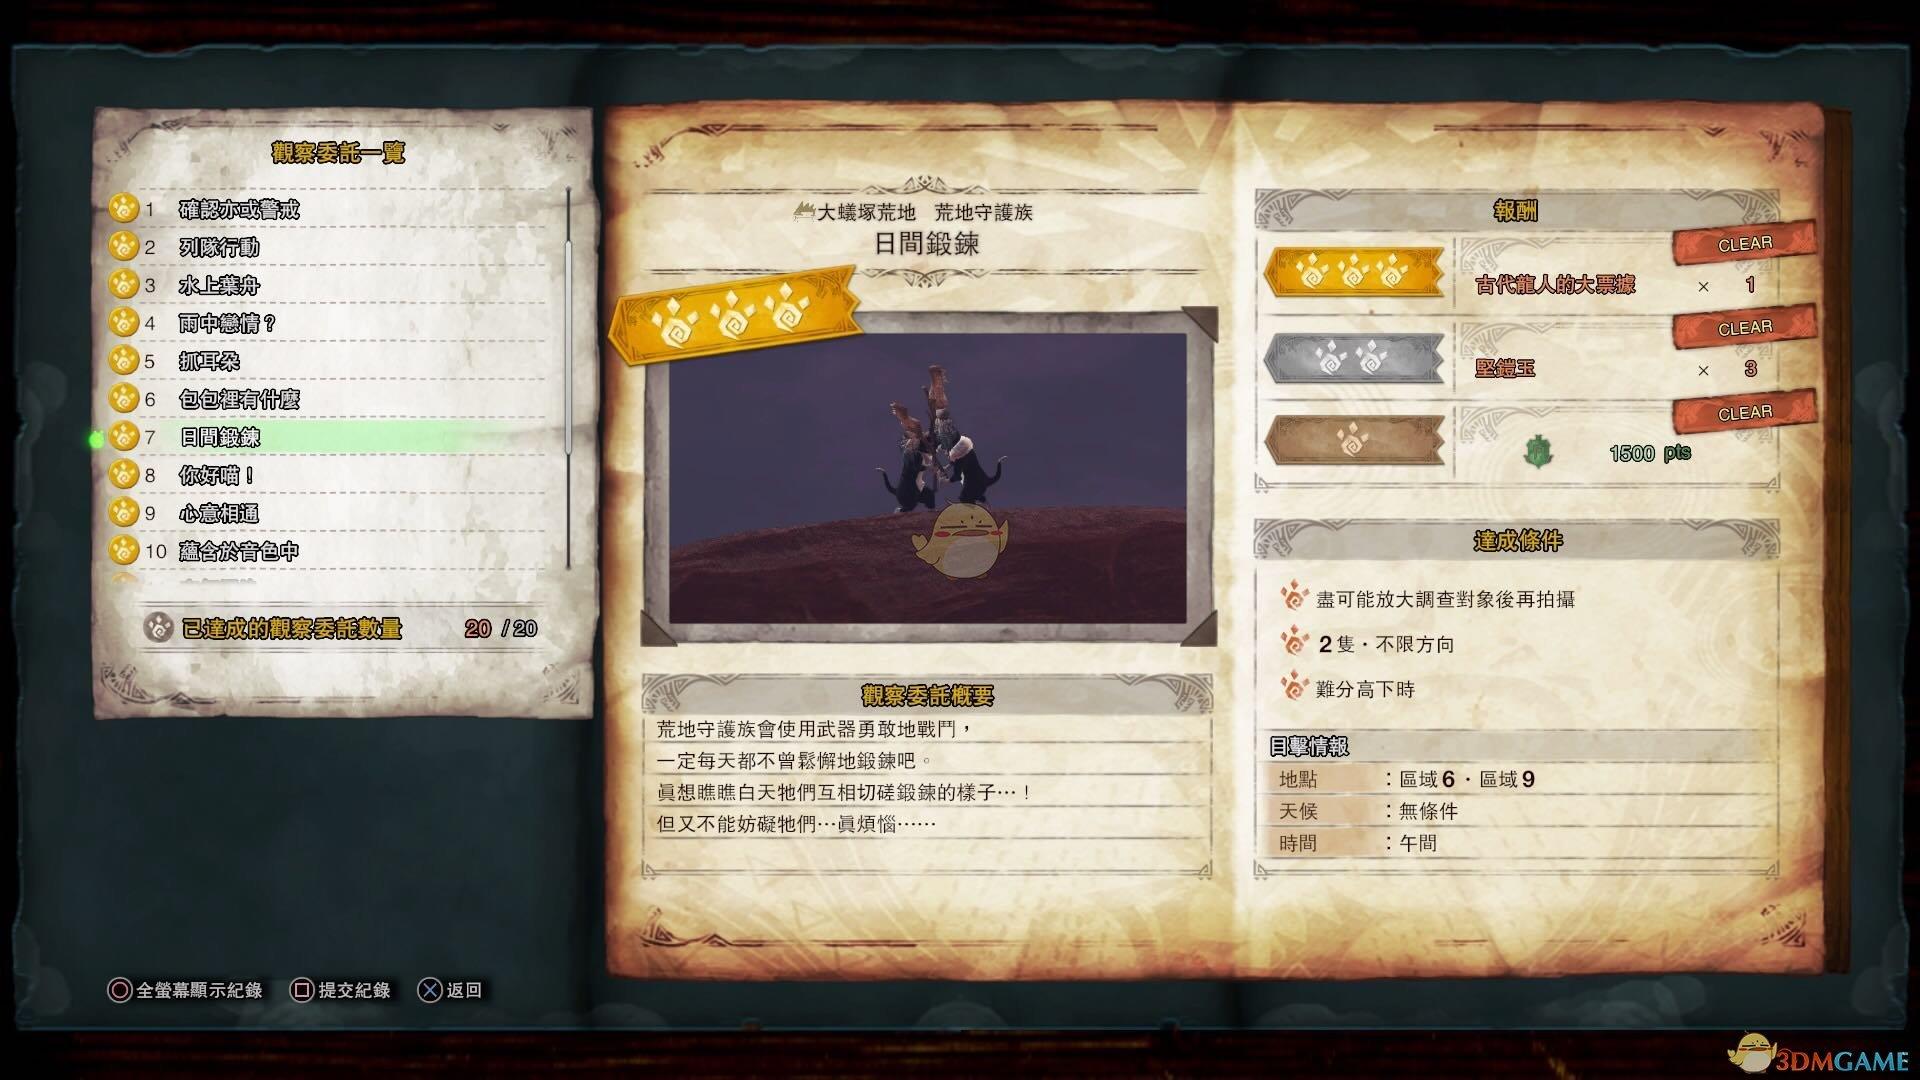 《怪物猎人:世界》荒地守护族观察委托任务金牌指南